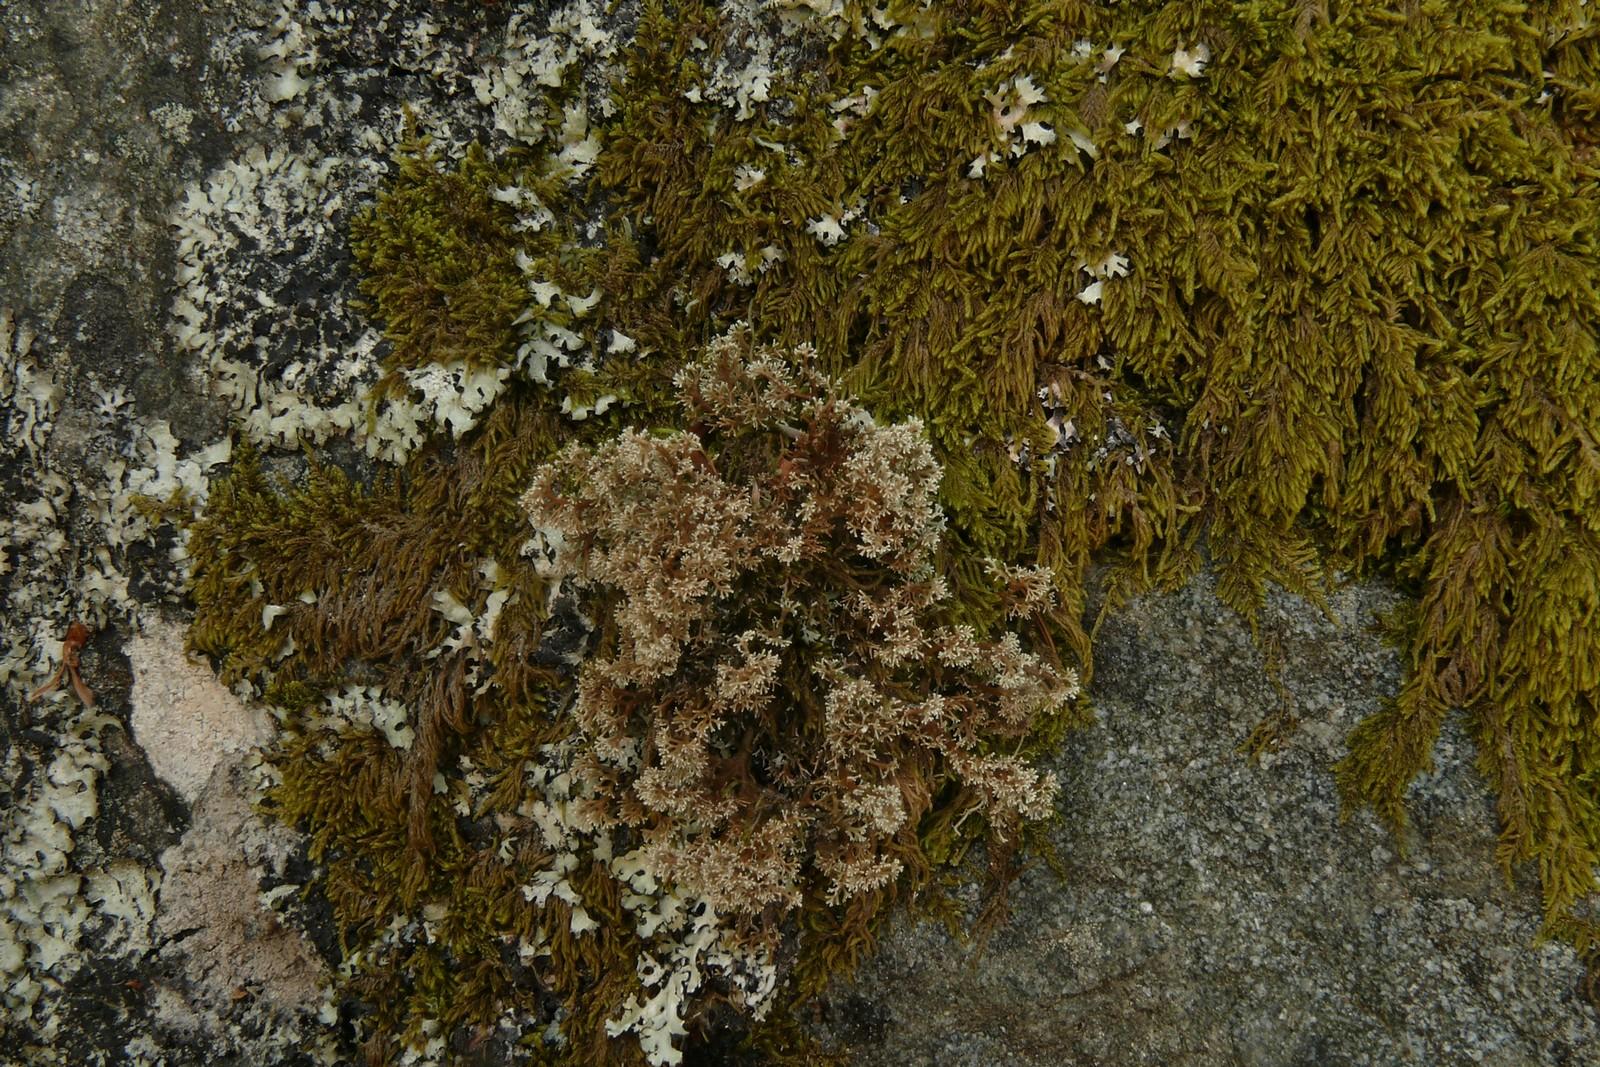 SphaerophorusGlobosus-20130707-63-PréDaval-01e